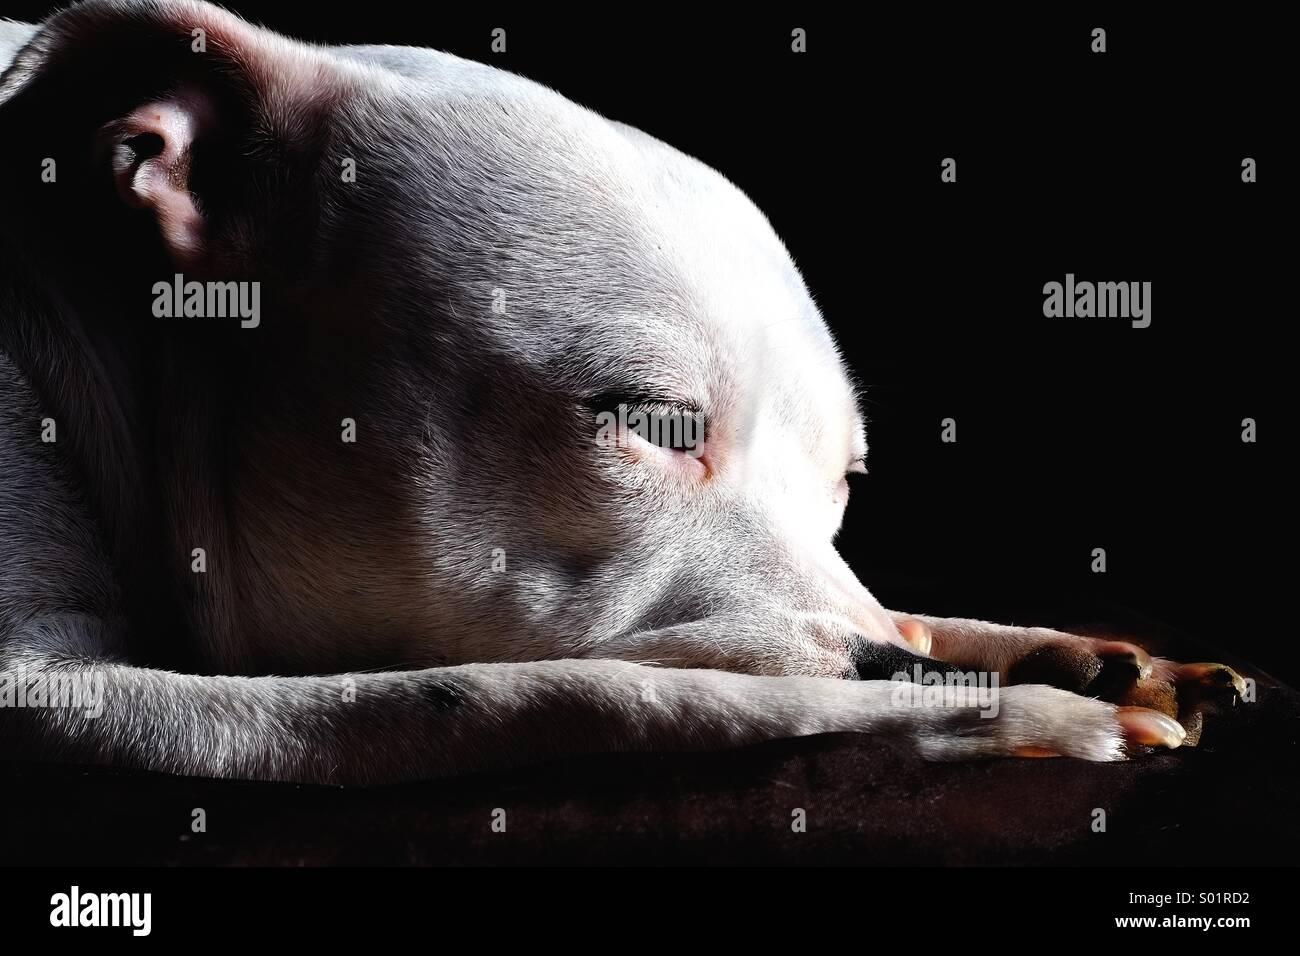 Retrato de perro Imagen De Stock